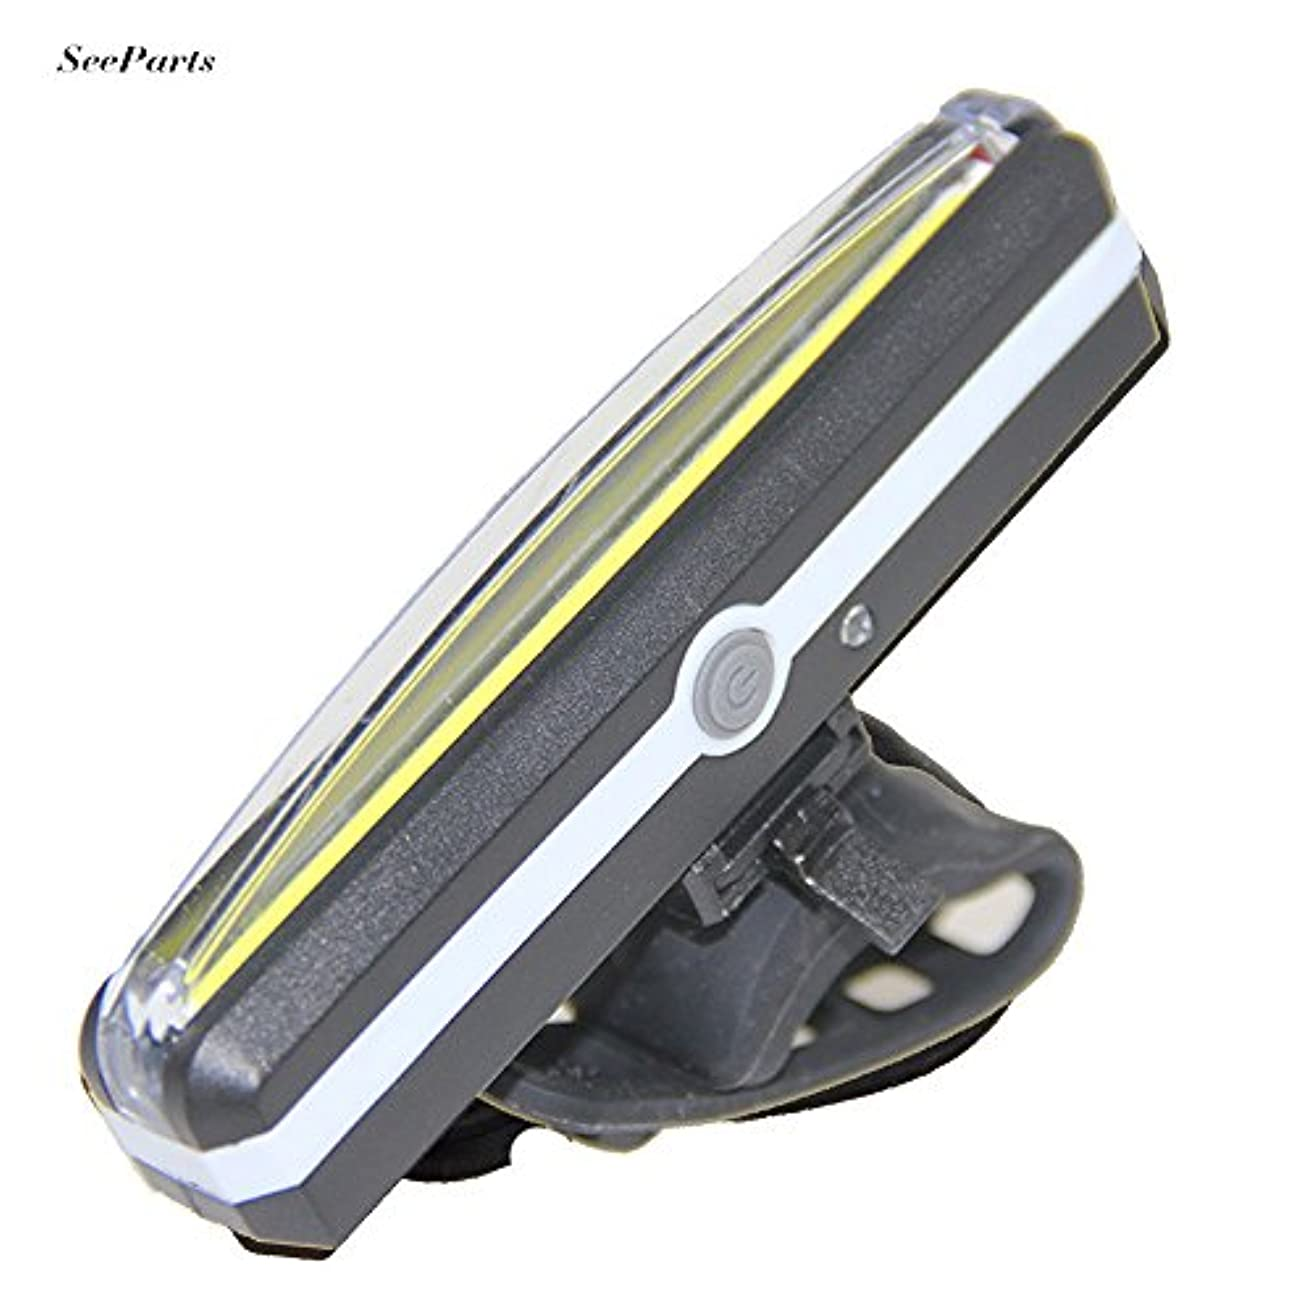 展開するありそうフォージ自転車用テールライト LEDライト サイクルセーフティライト テールランプ 警告灯 夜間用 防水 USB充電式 6モードランプ 4種の光に選択 SPS-015